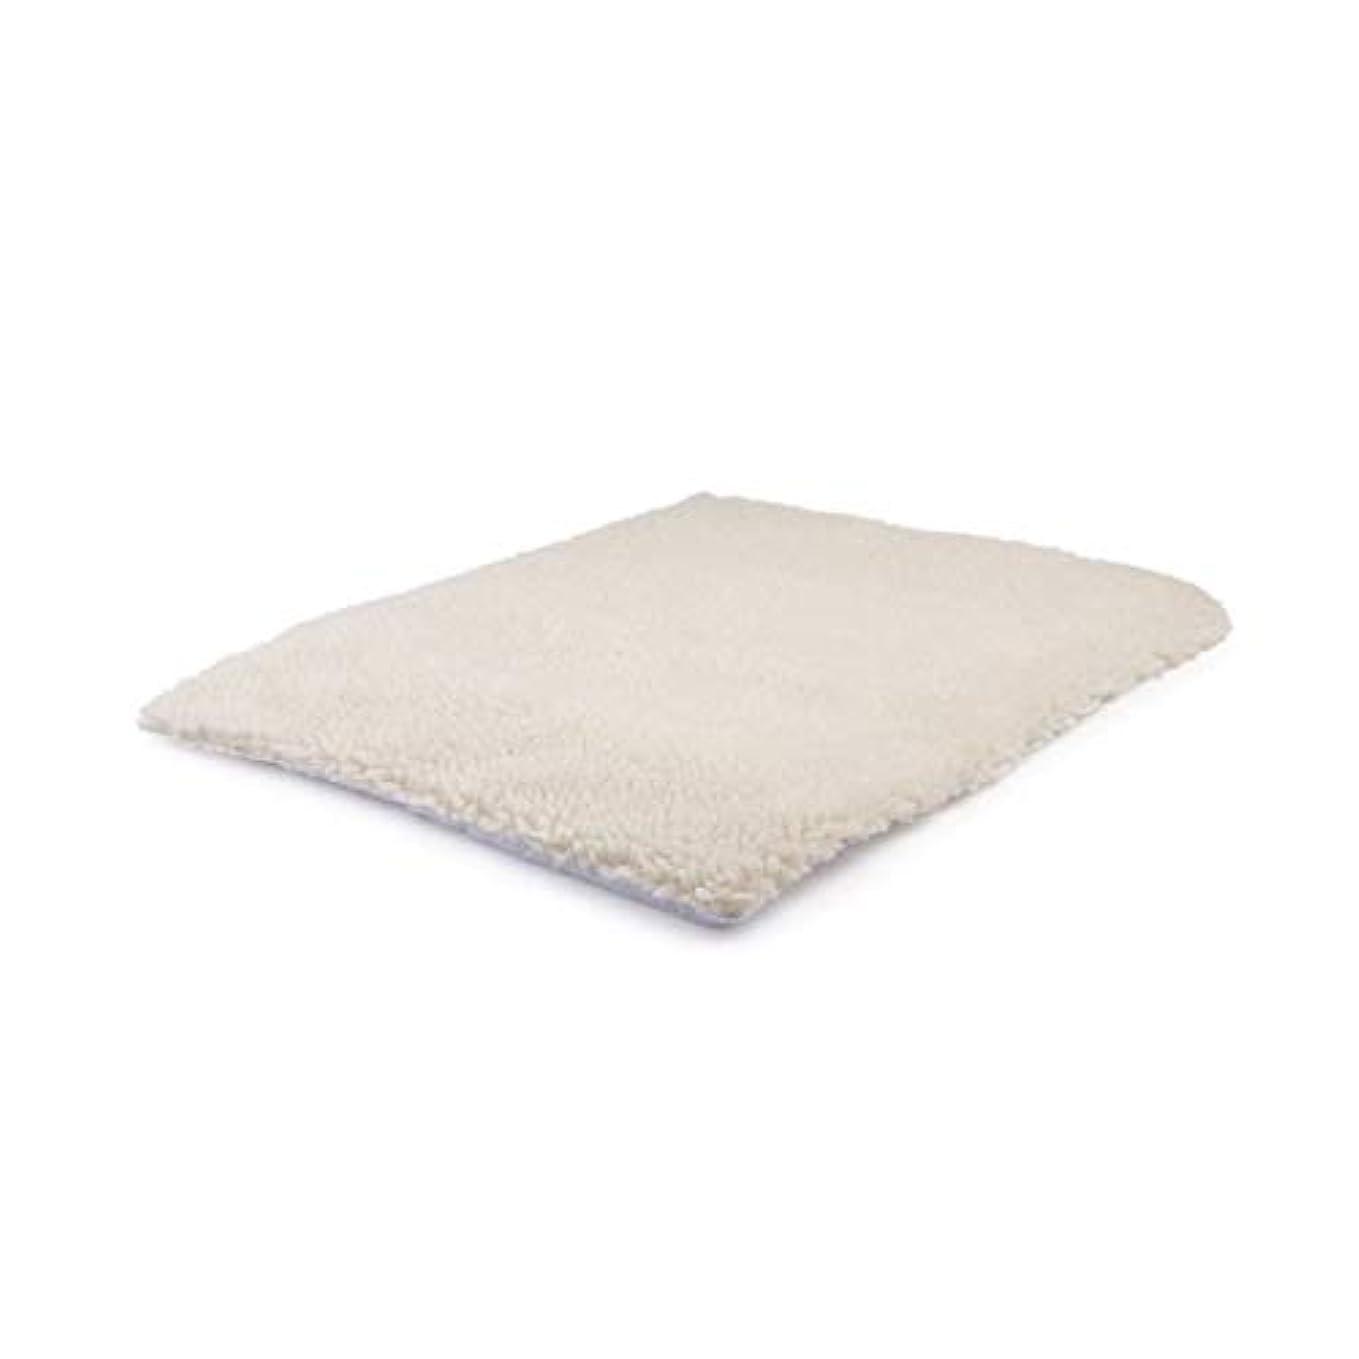 浸食死の顎謝罪Saikogoods 自己発熱ペット毛布 ペットベッド ウォッシャブル ノーエレクトリック スーパーソフト 子犬子猫毛布 ベッドマット ベージュ 640×460mm